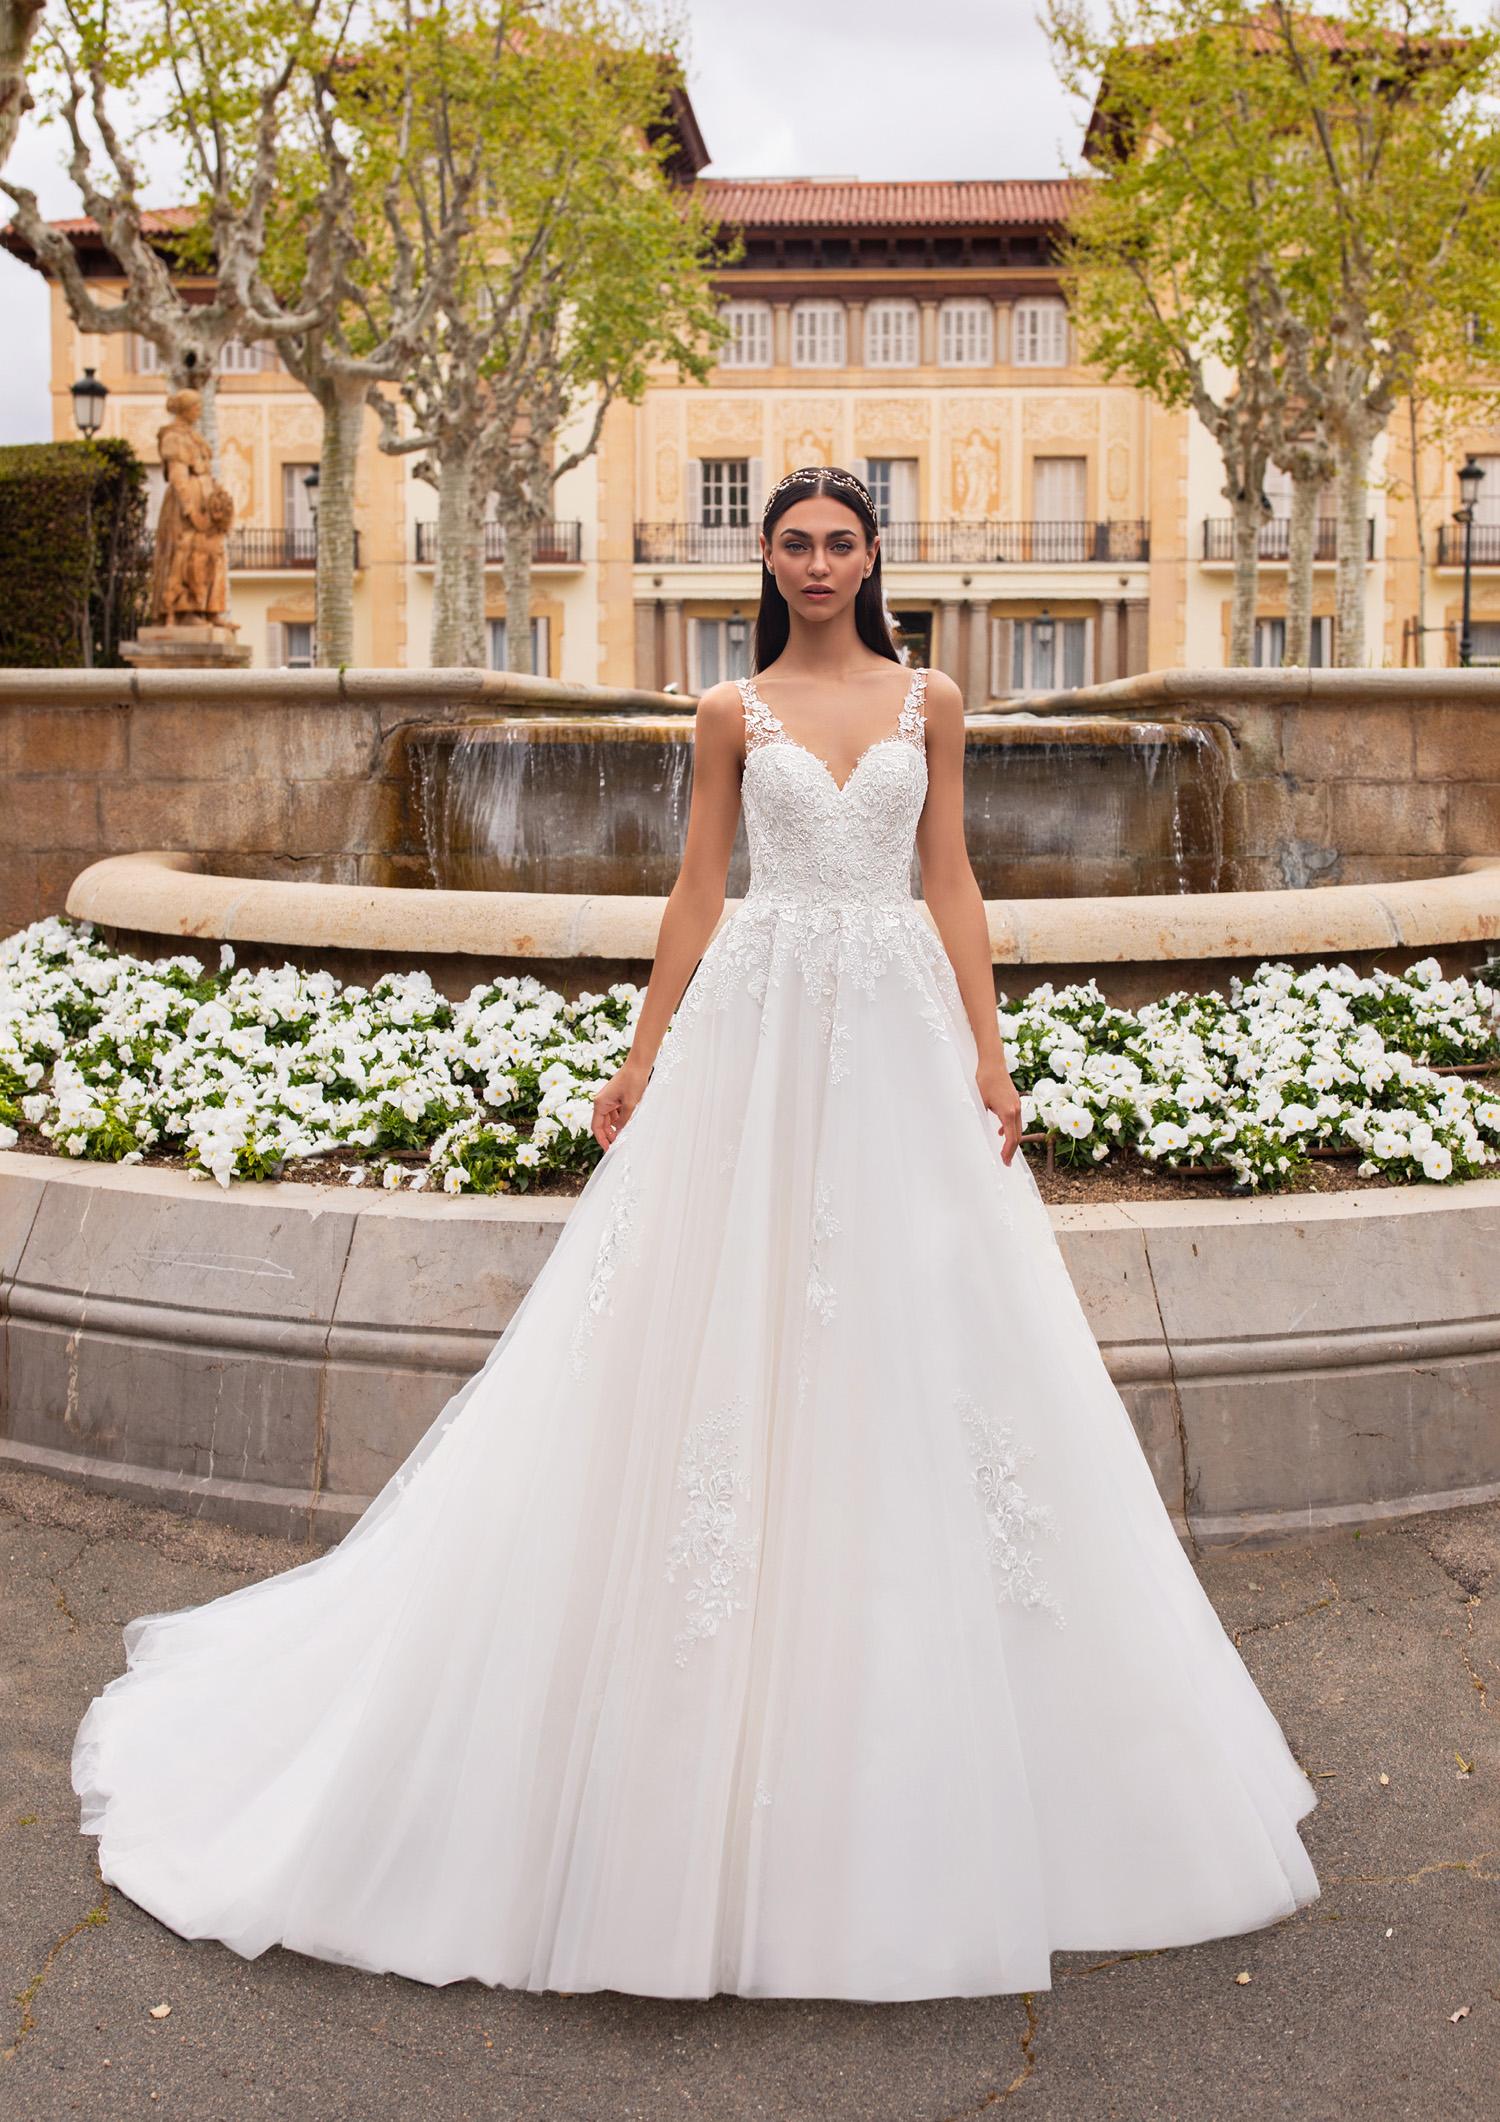 Vestiti Cerimonia Vicenza.Abito Da Sposa Pronovias 2020 Nemo Mariages It Abiti Sposa E